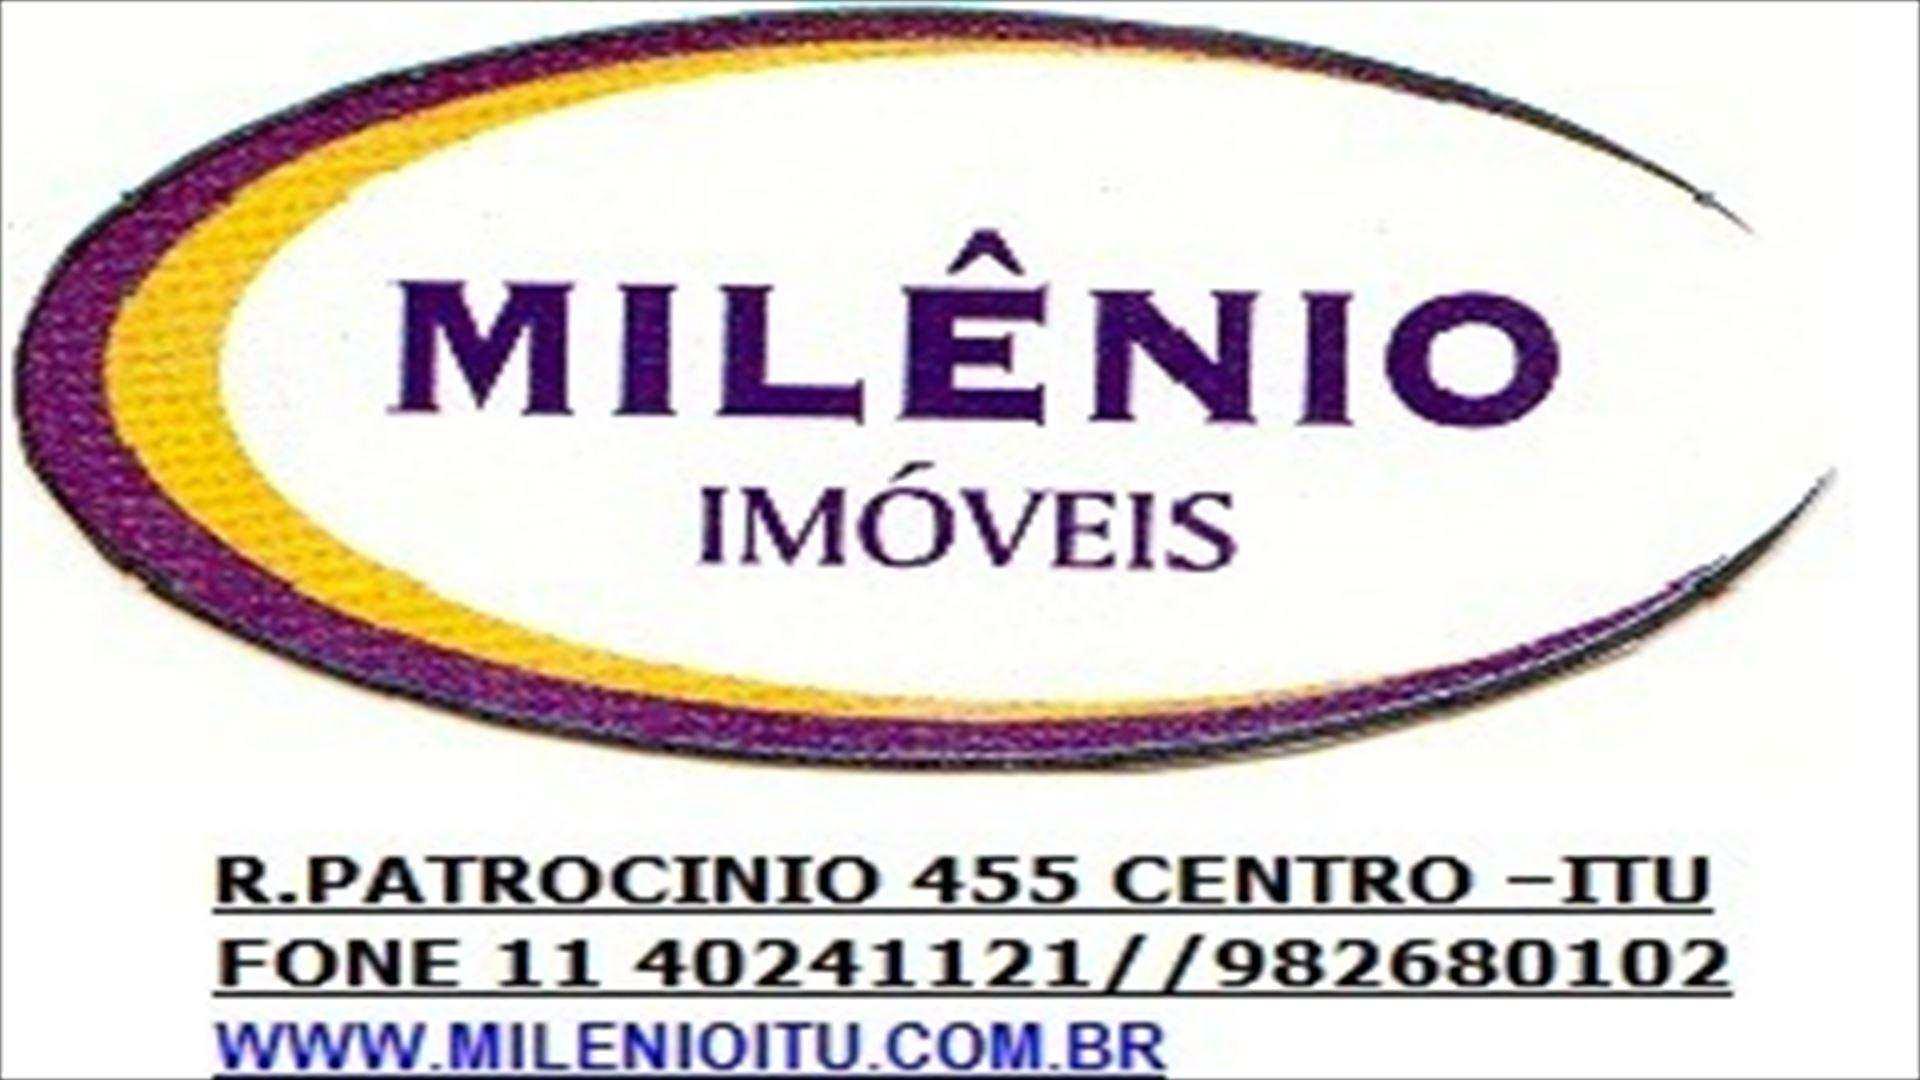 189400-LOGO_TIPO_MILENIO1.jpg